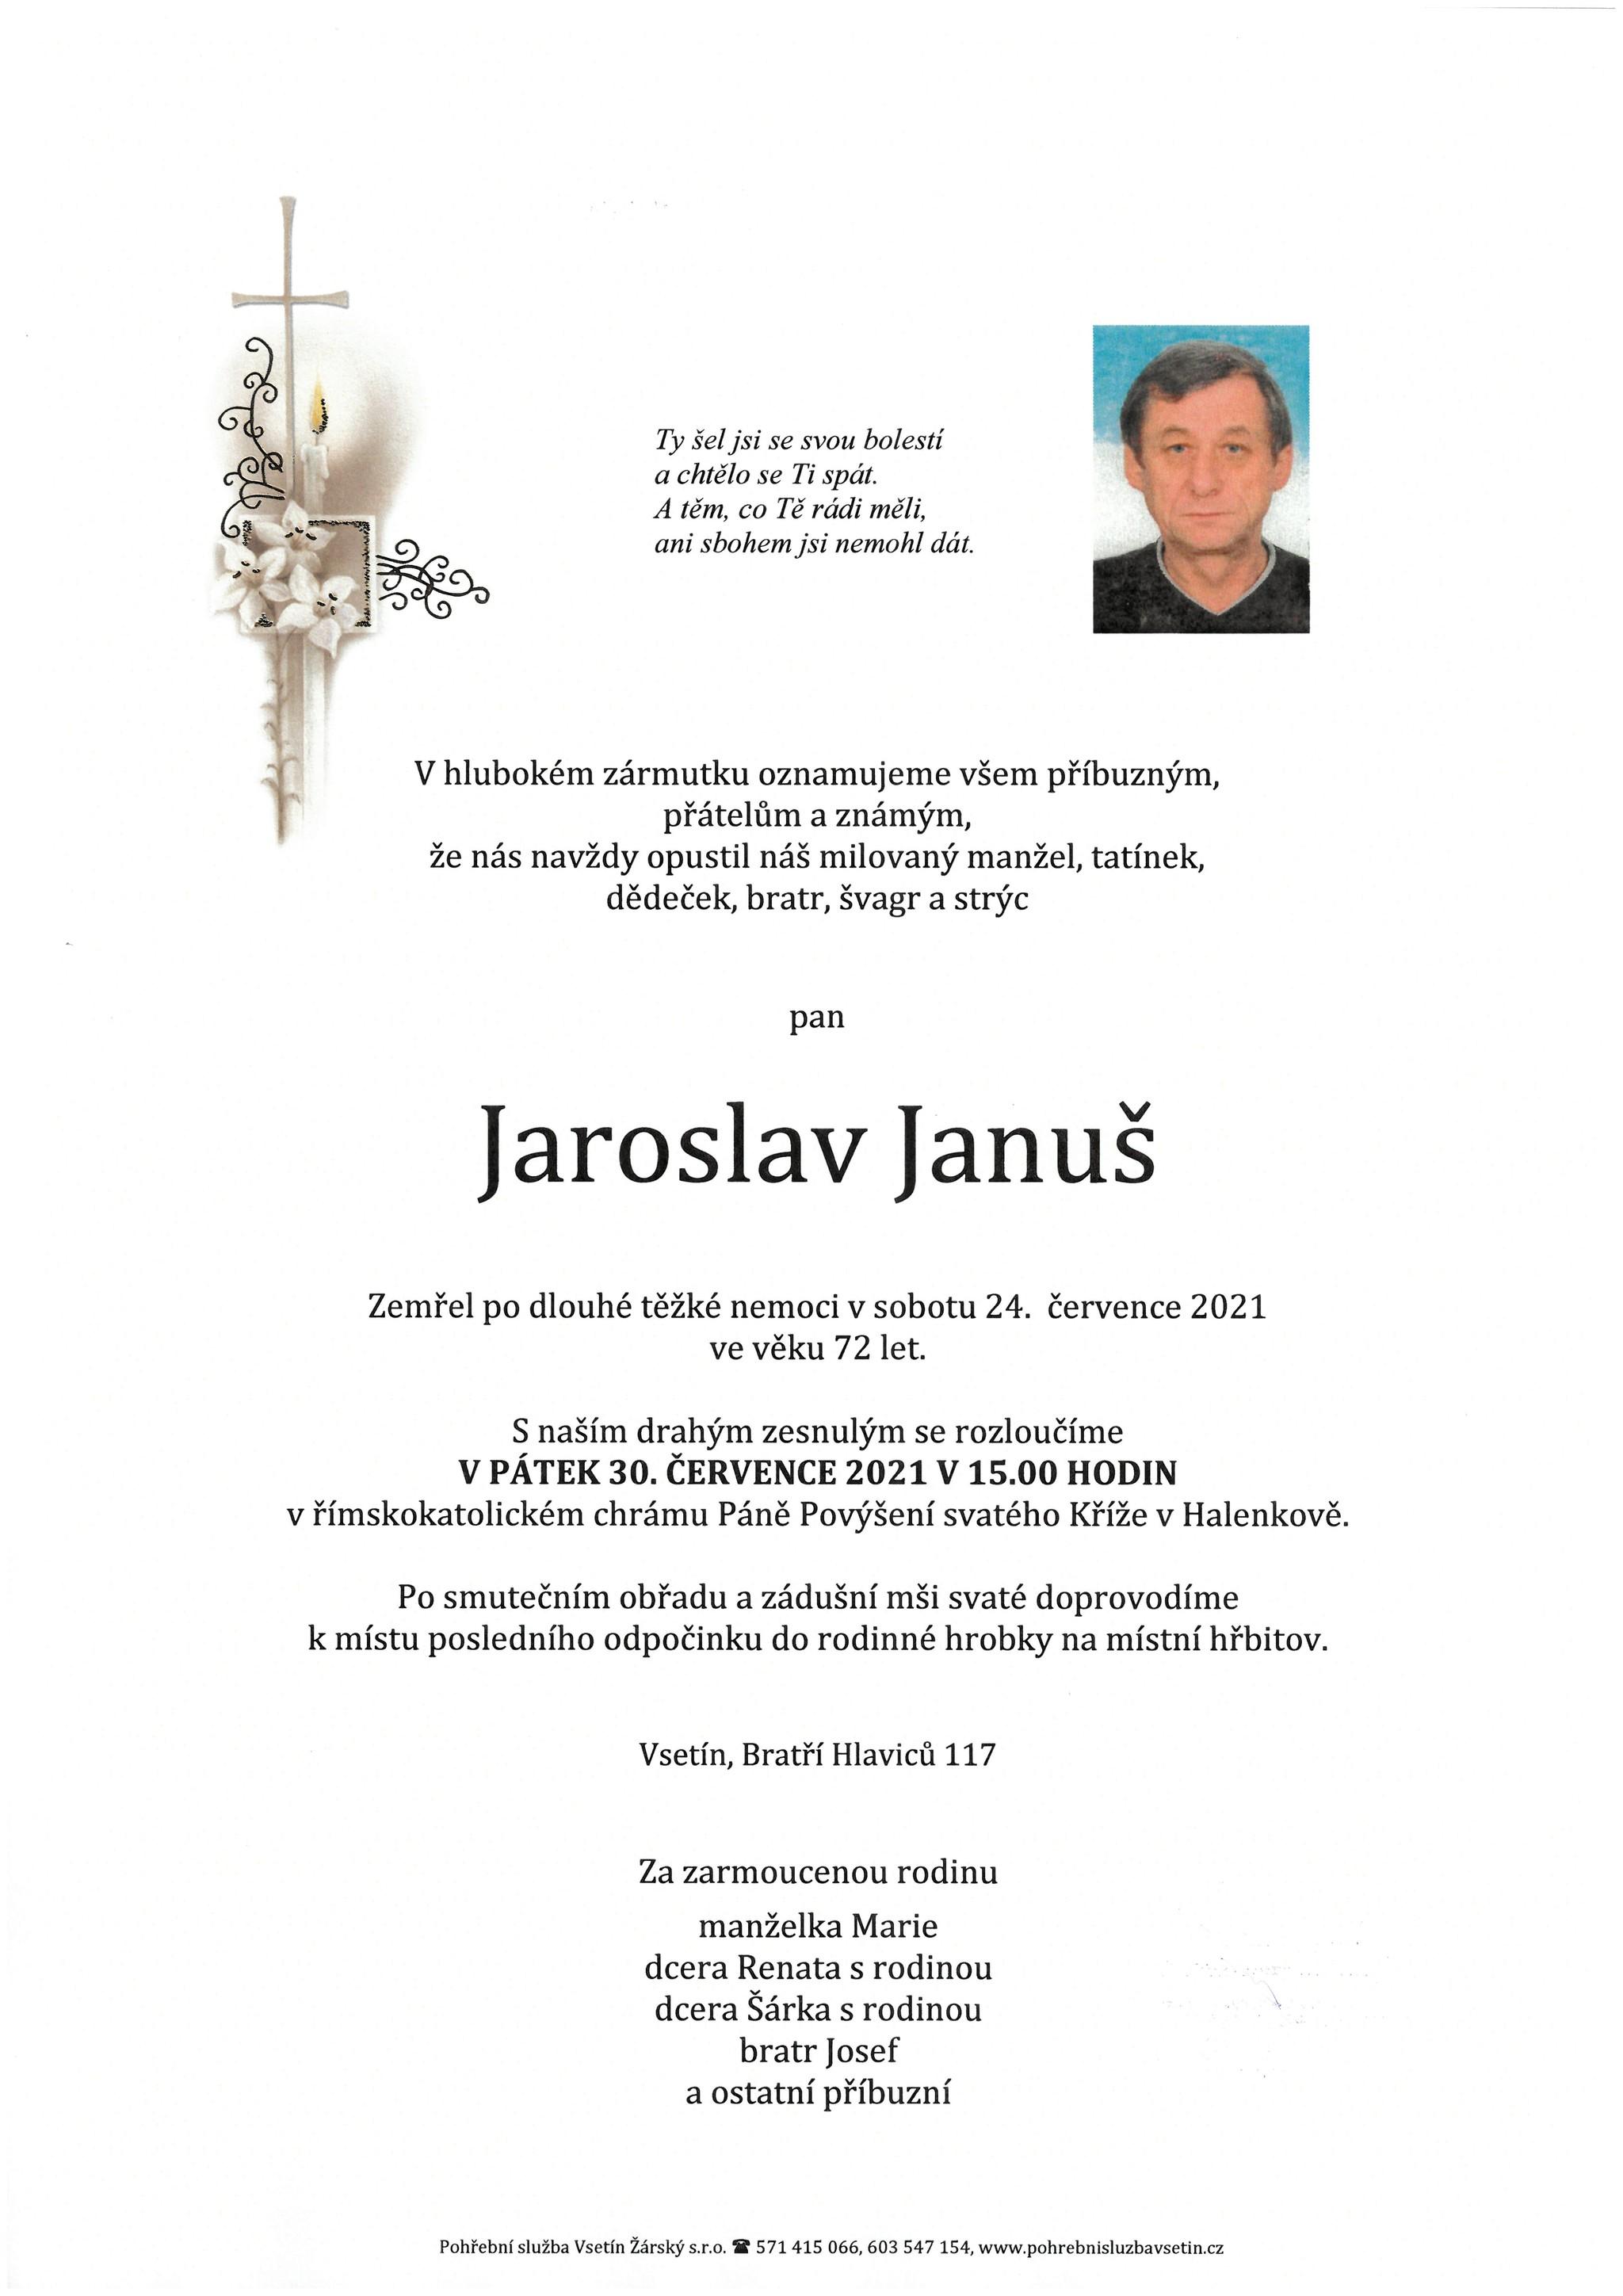 Jaroslav Januš